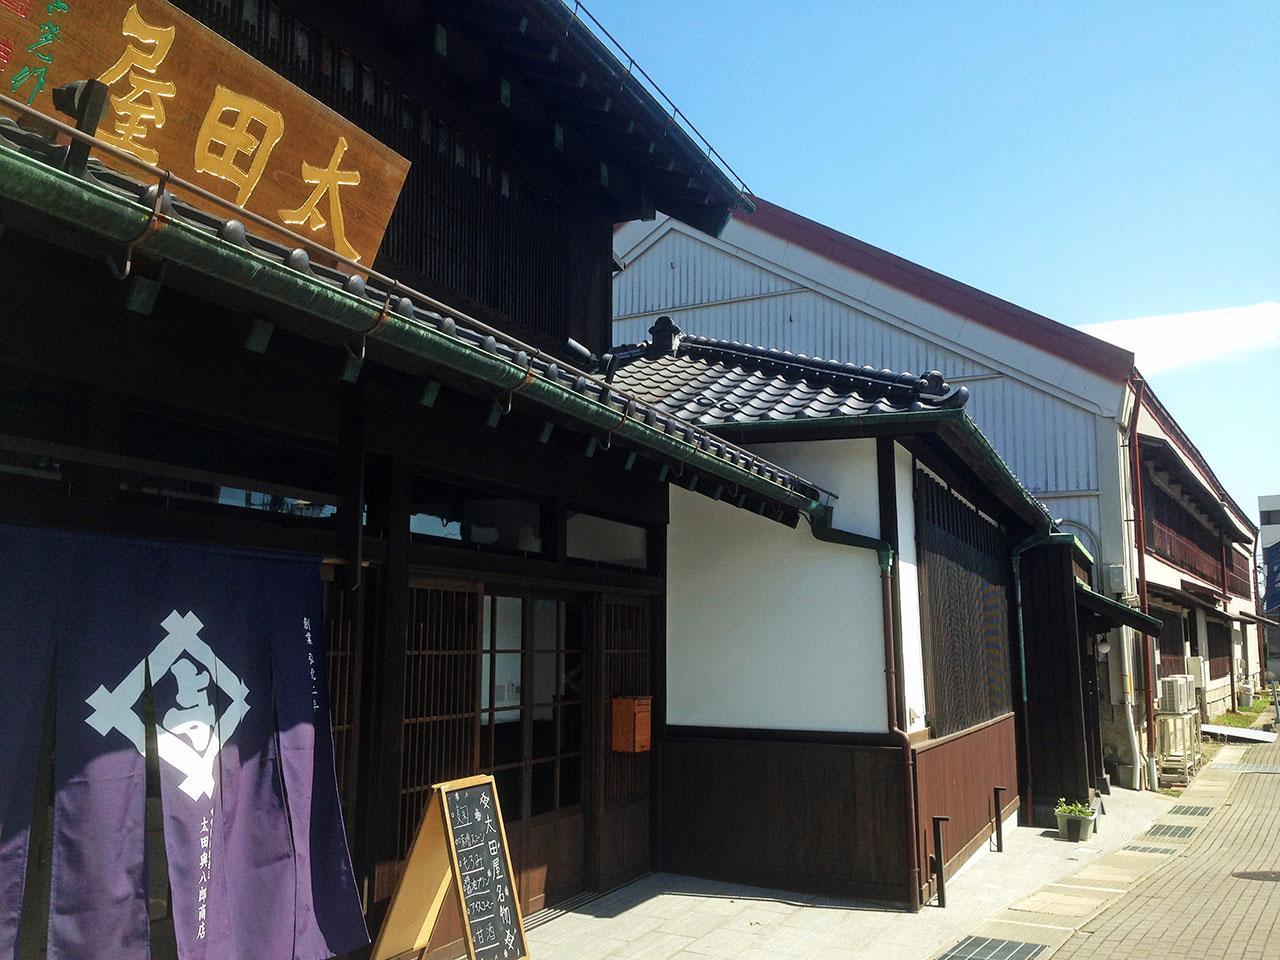 キービジュアル画像:塩竃市で170年続く仙台味噌・醤油醸造の老舗